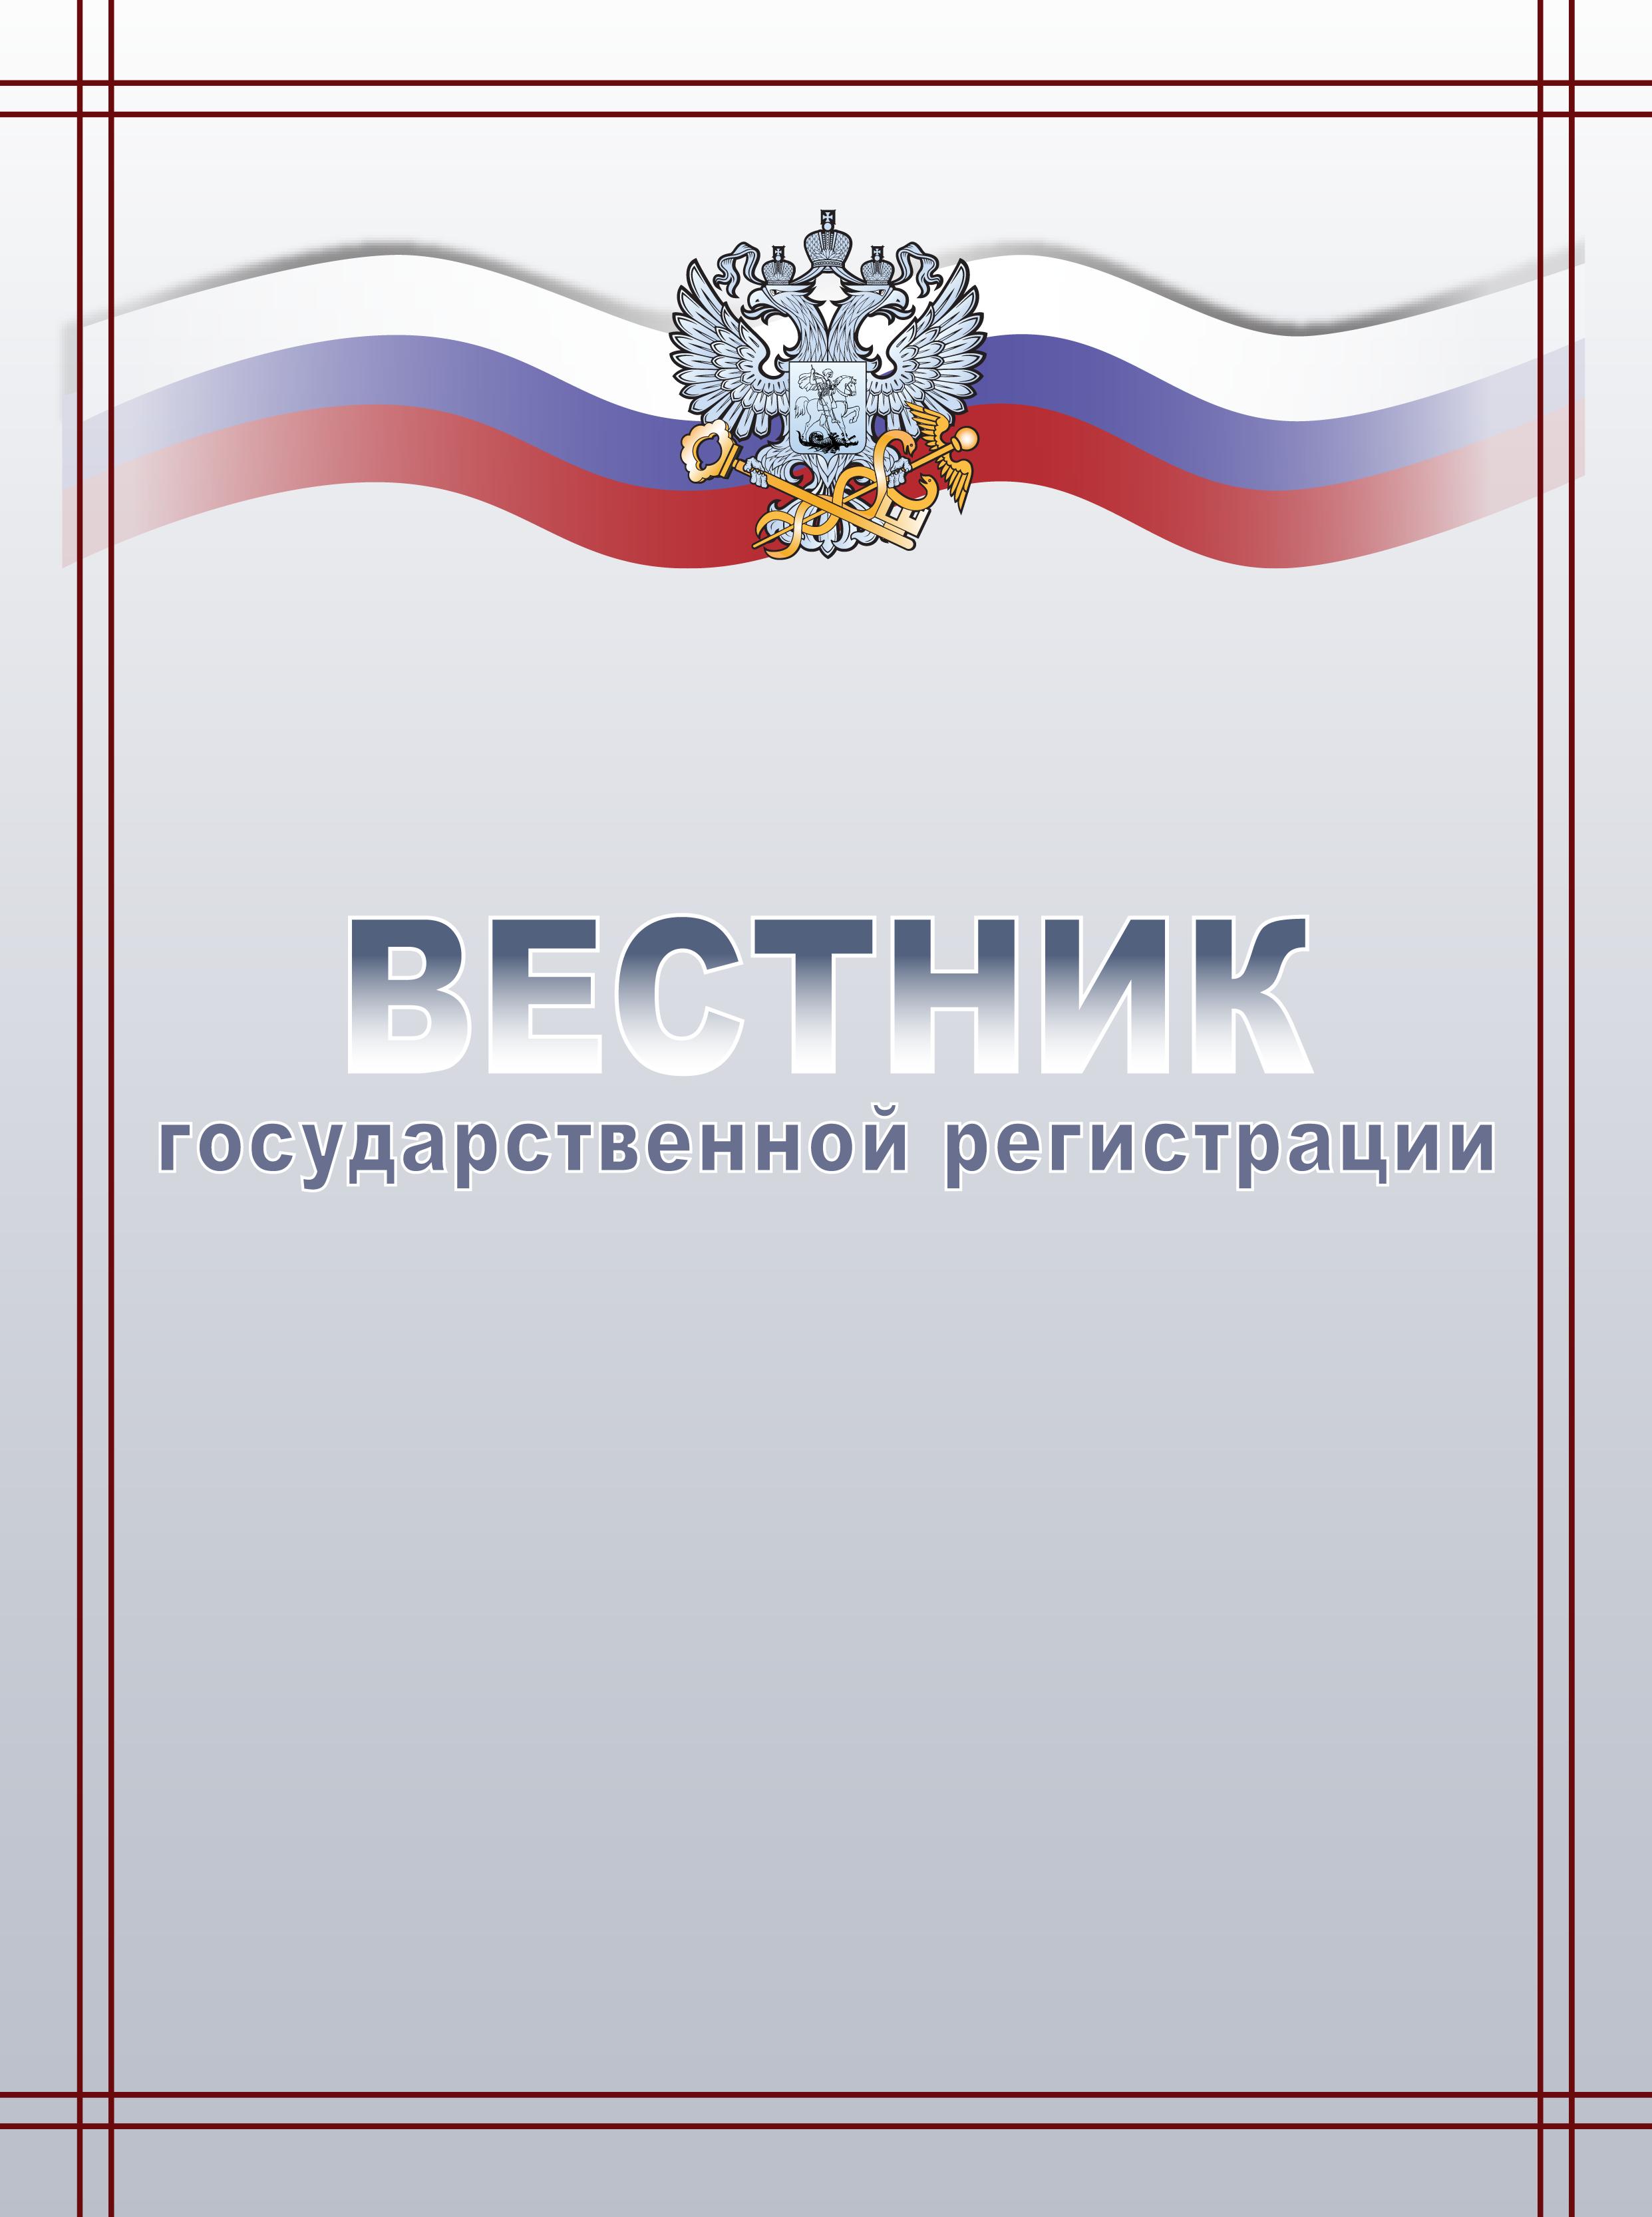 Публикация сведений о ликвидации юридического лица